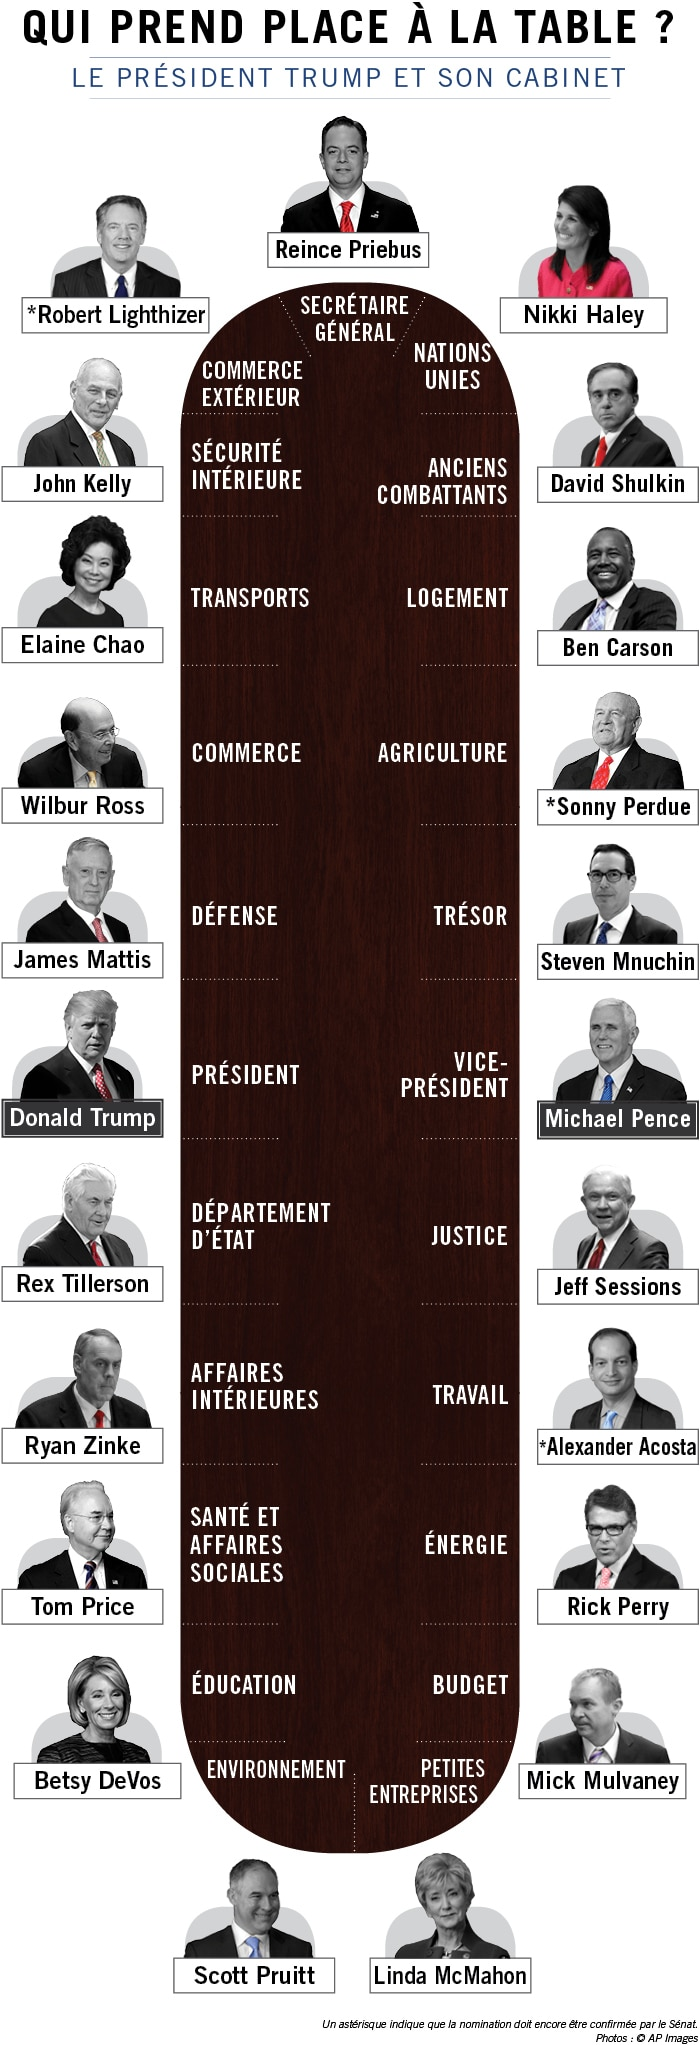 Graphique montrant le président Trump avec les membres de son cabinet (Département d'État/Julia Maruszewski)